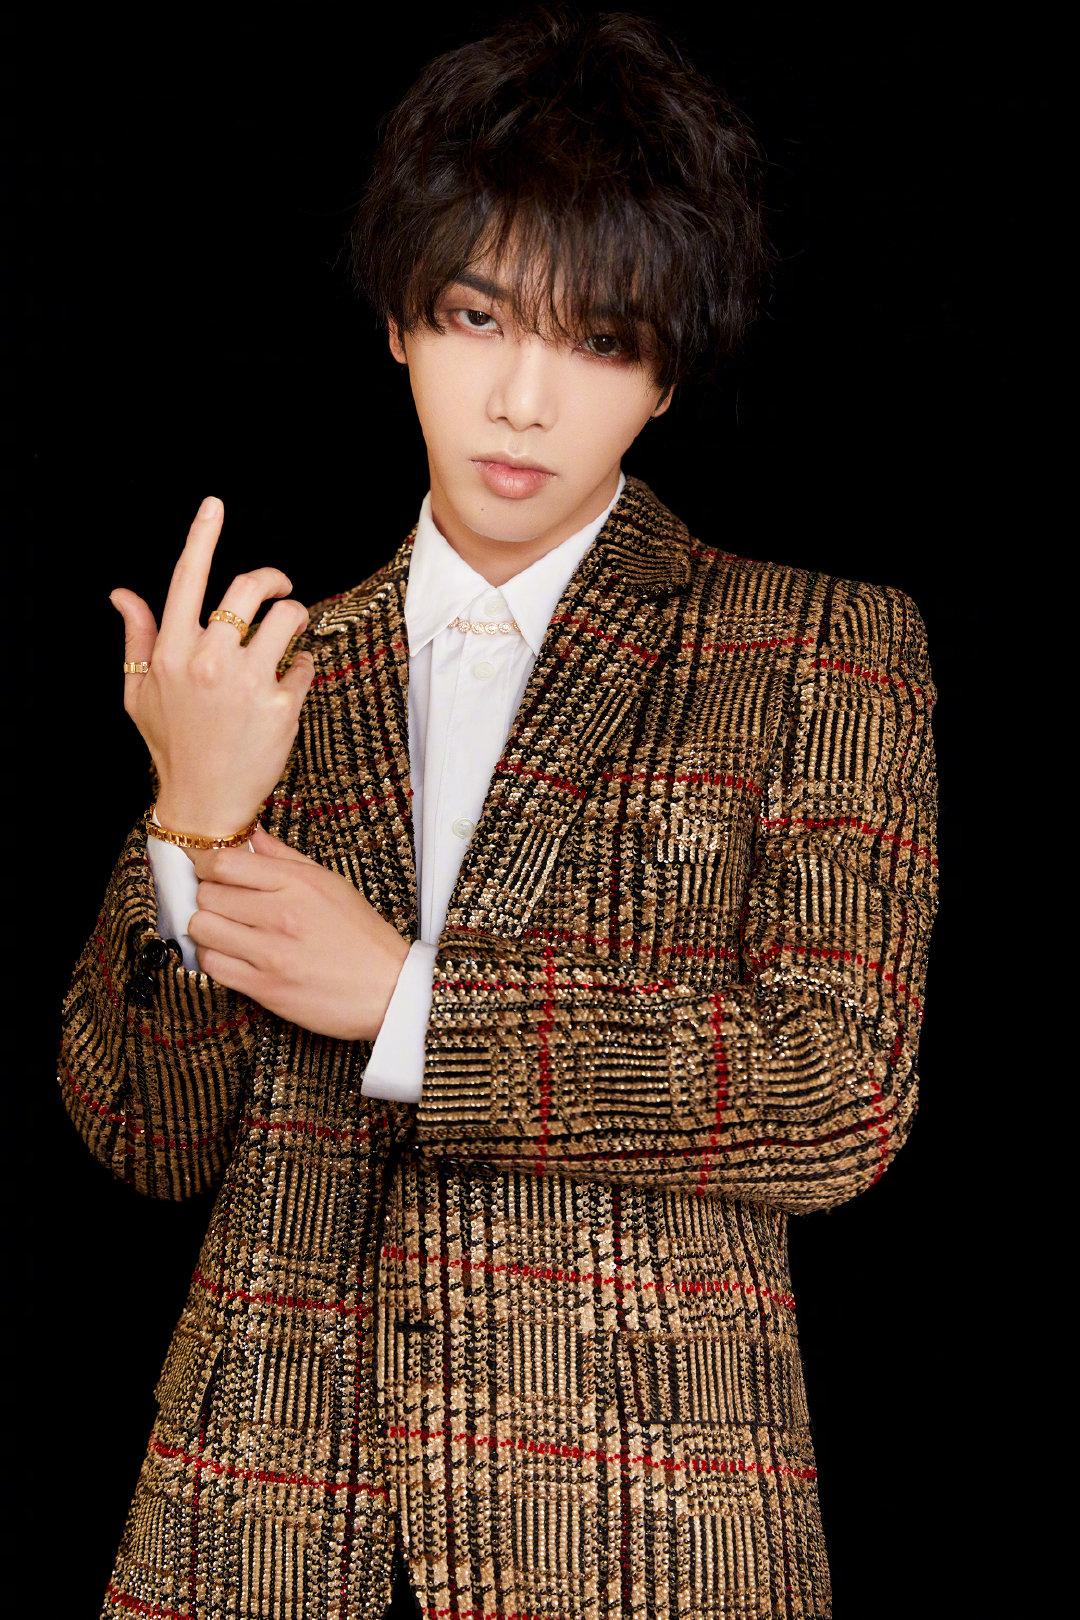 @华晨宇yu 身着金色重金属亮片西装外套搭配玫瑰金配饰点缀细节